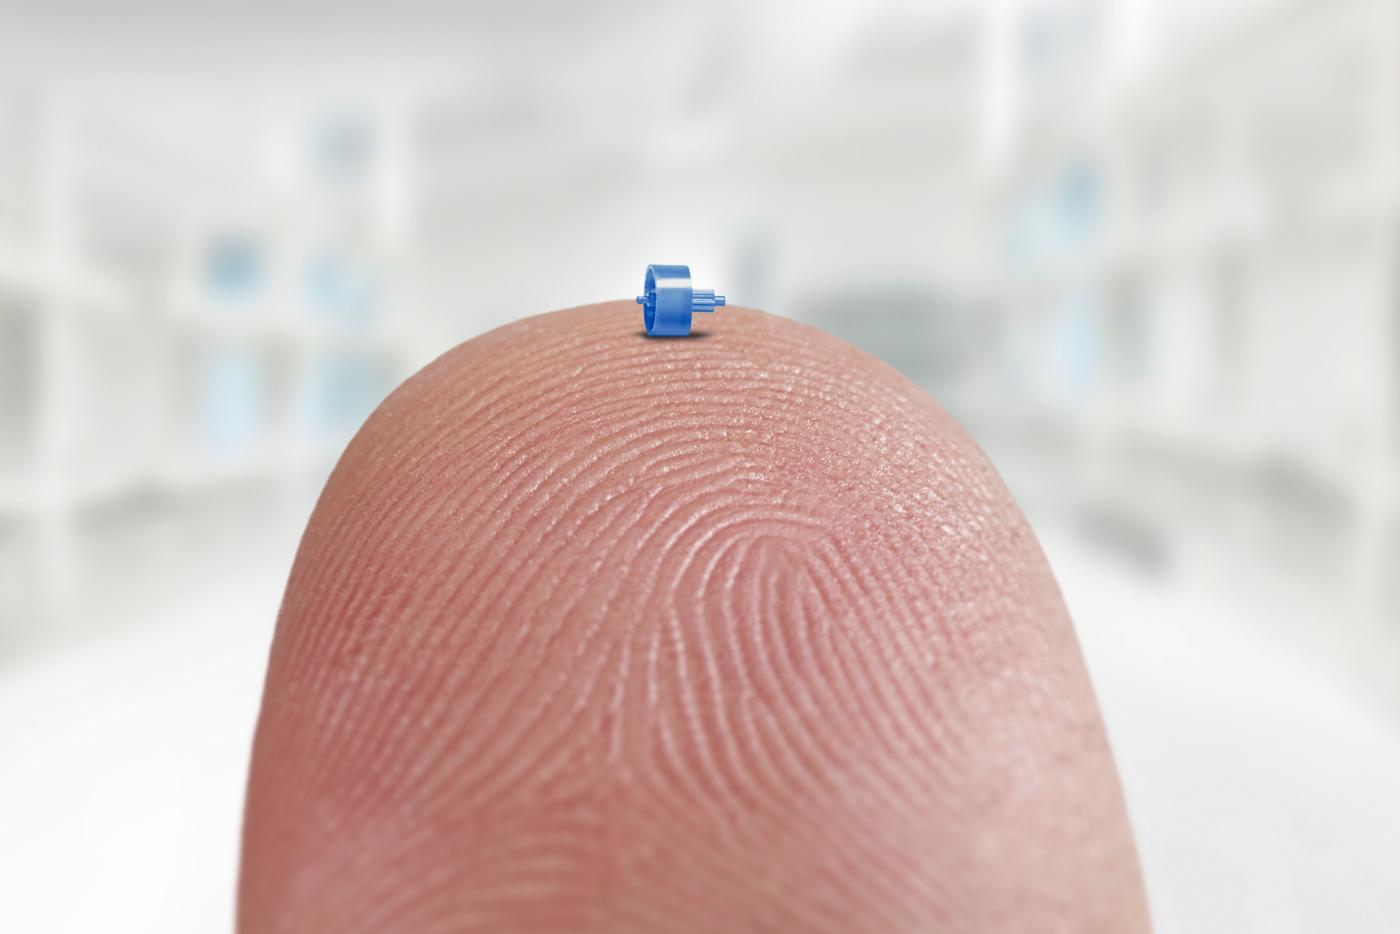 MicroMolding_finger